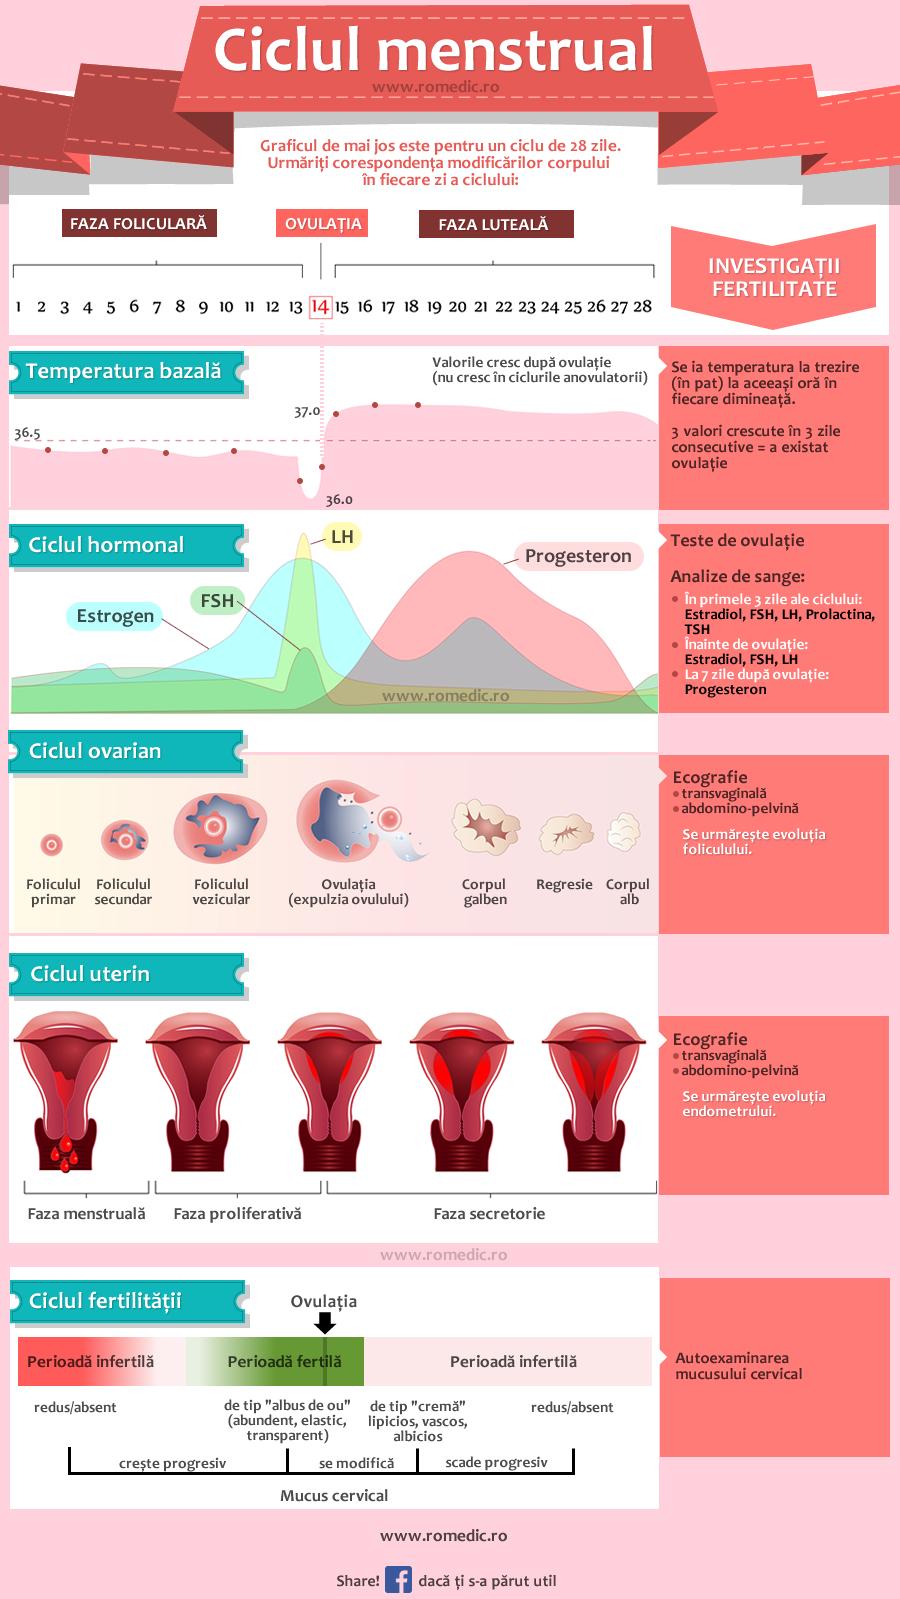 Schema etapelor ciclului menstrual